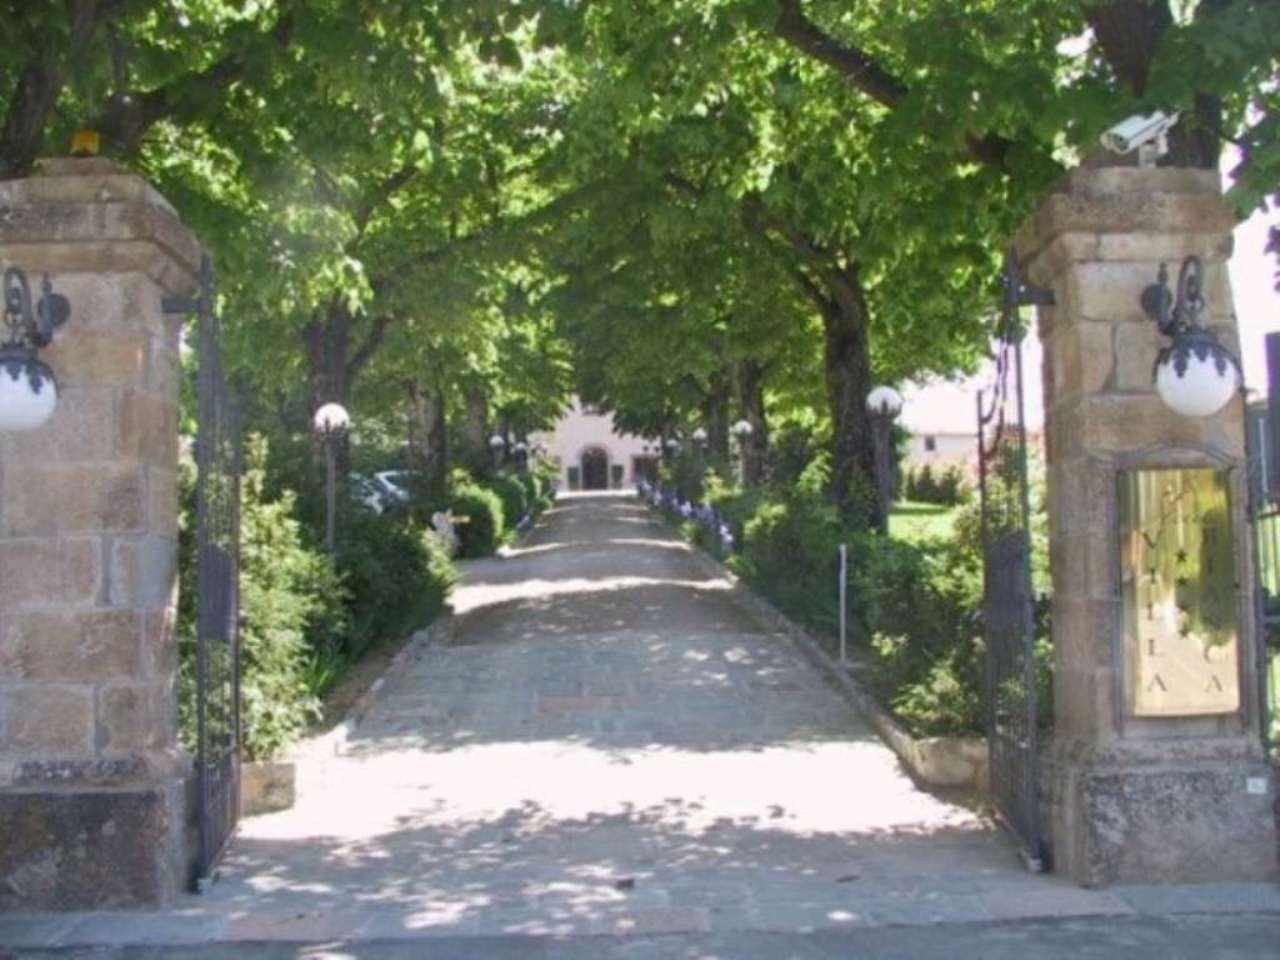 Albergo in vendita a Gambassi Terme, 16 locali, prezzo € 1.300.000 | CambioCasa.it